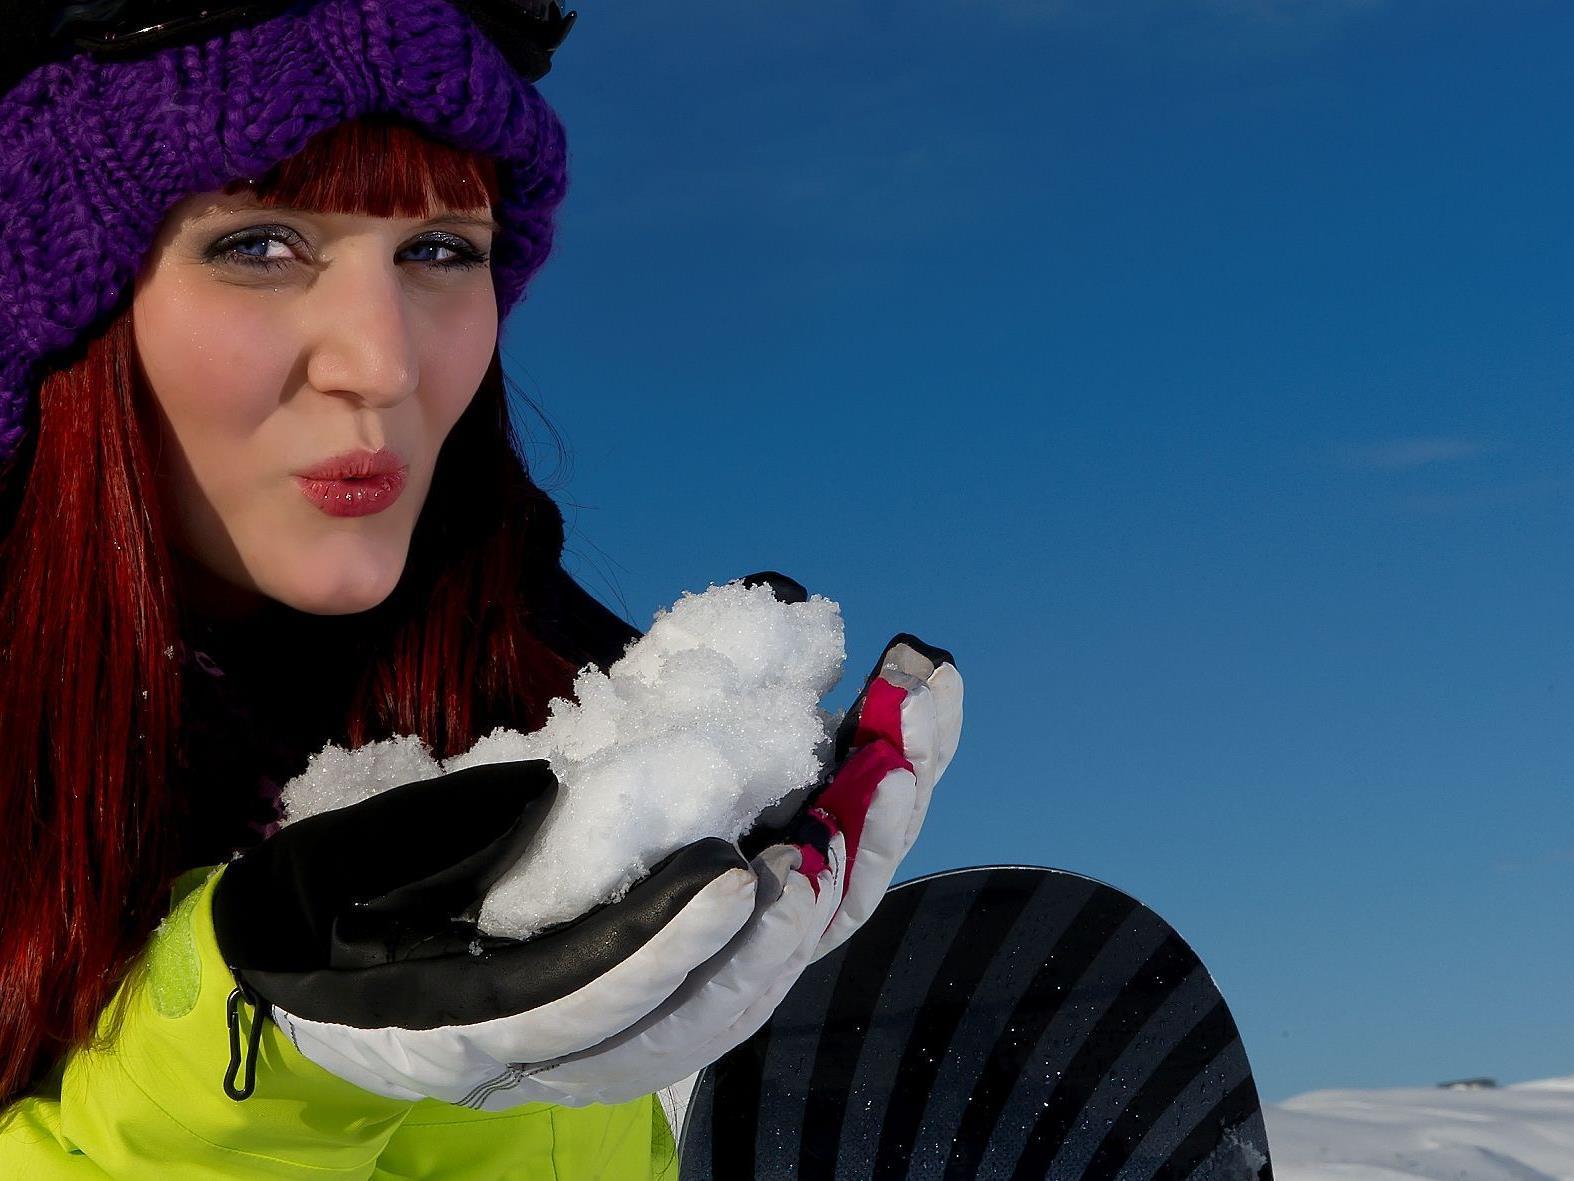 Die Damülser Schneekönigin Jacqueline Pichler lädt ein zum Saisonsfinale ins Schneereich Damüls